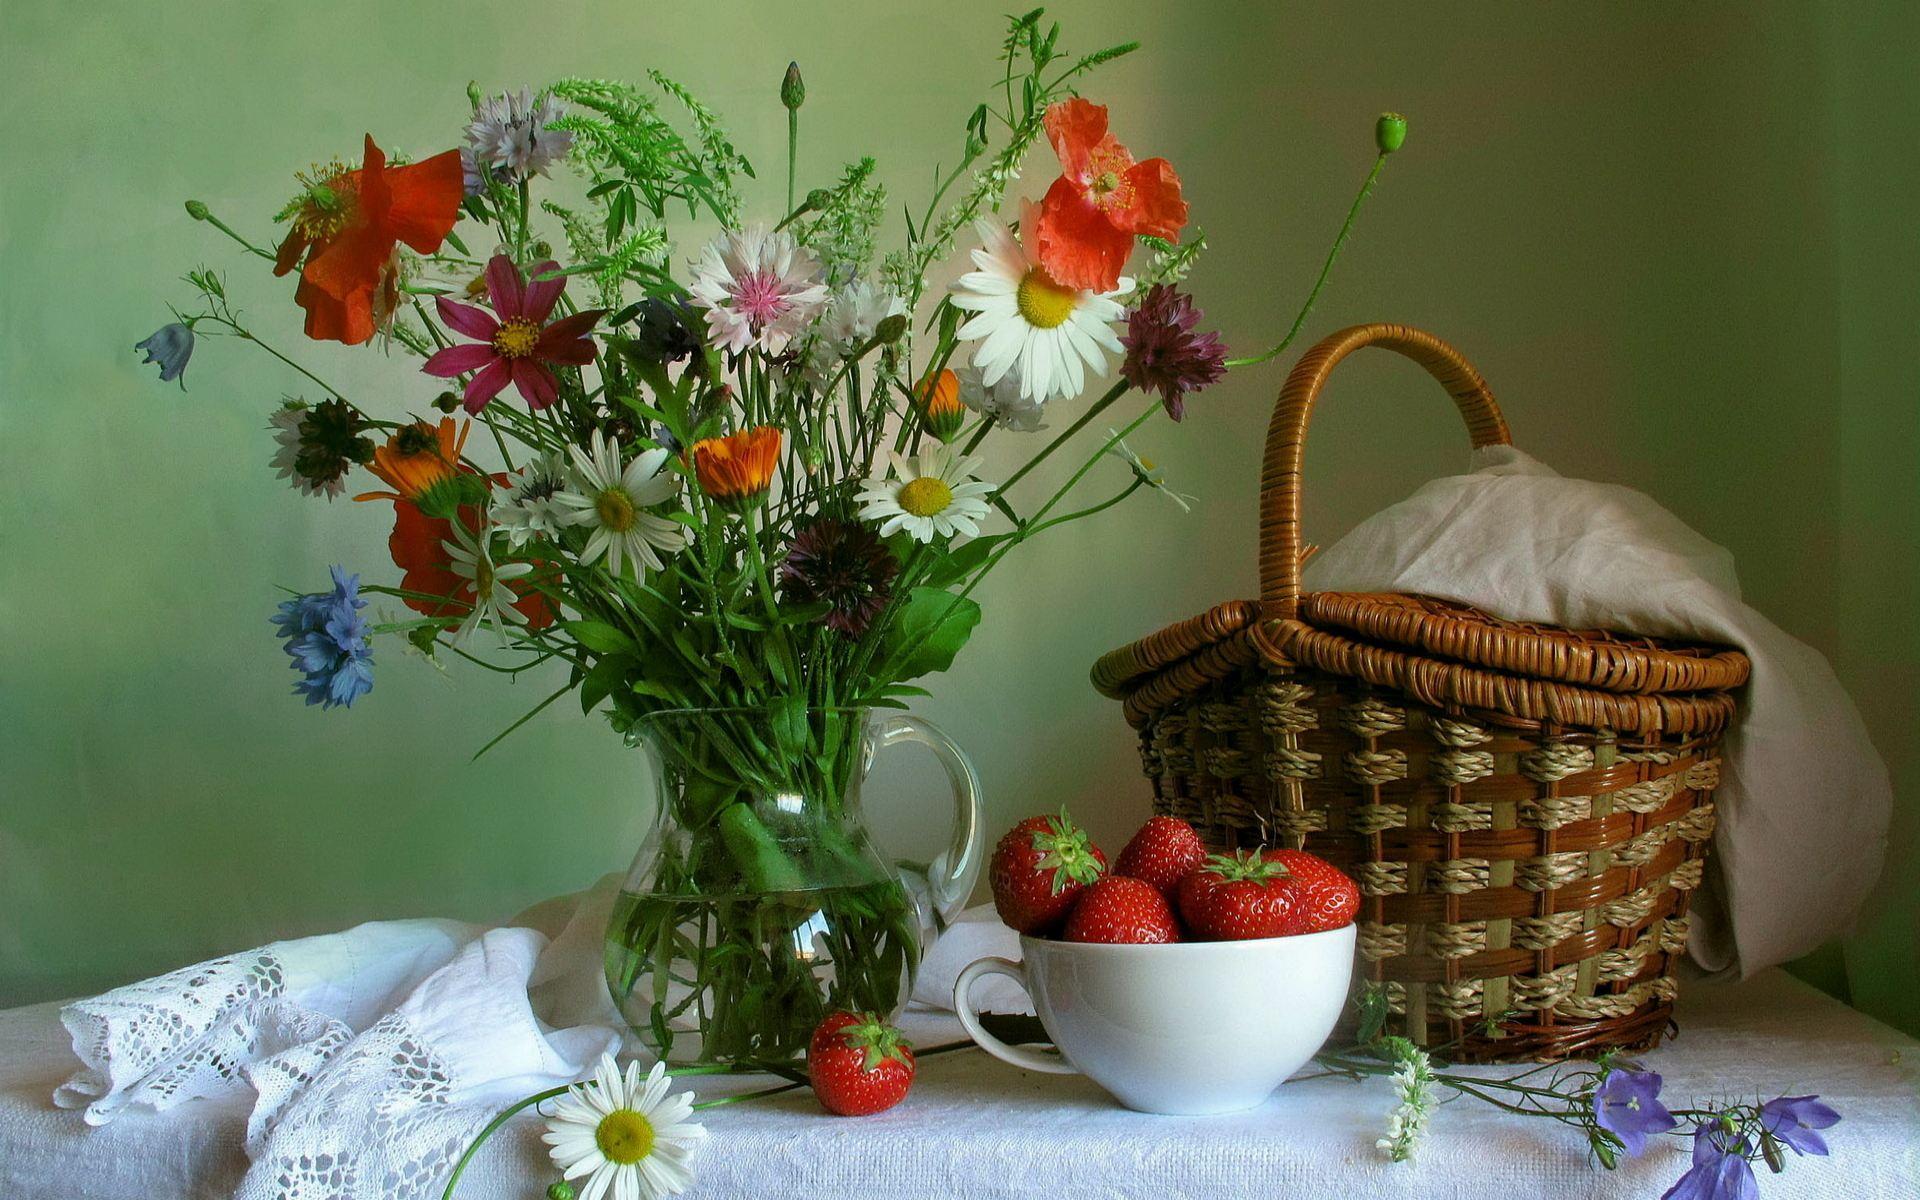 Фрукты ягоды обои на рабочий стол